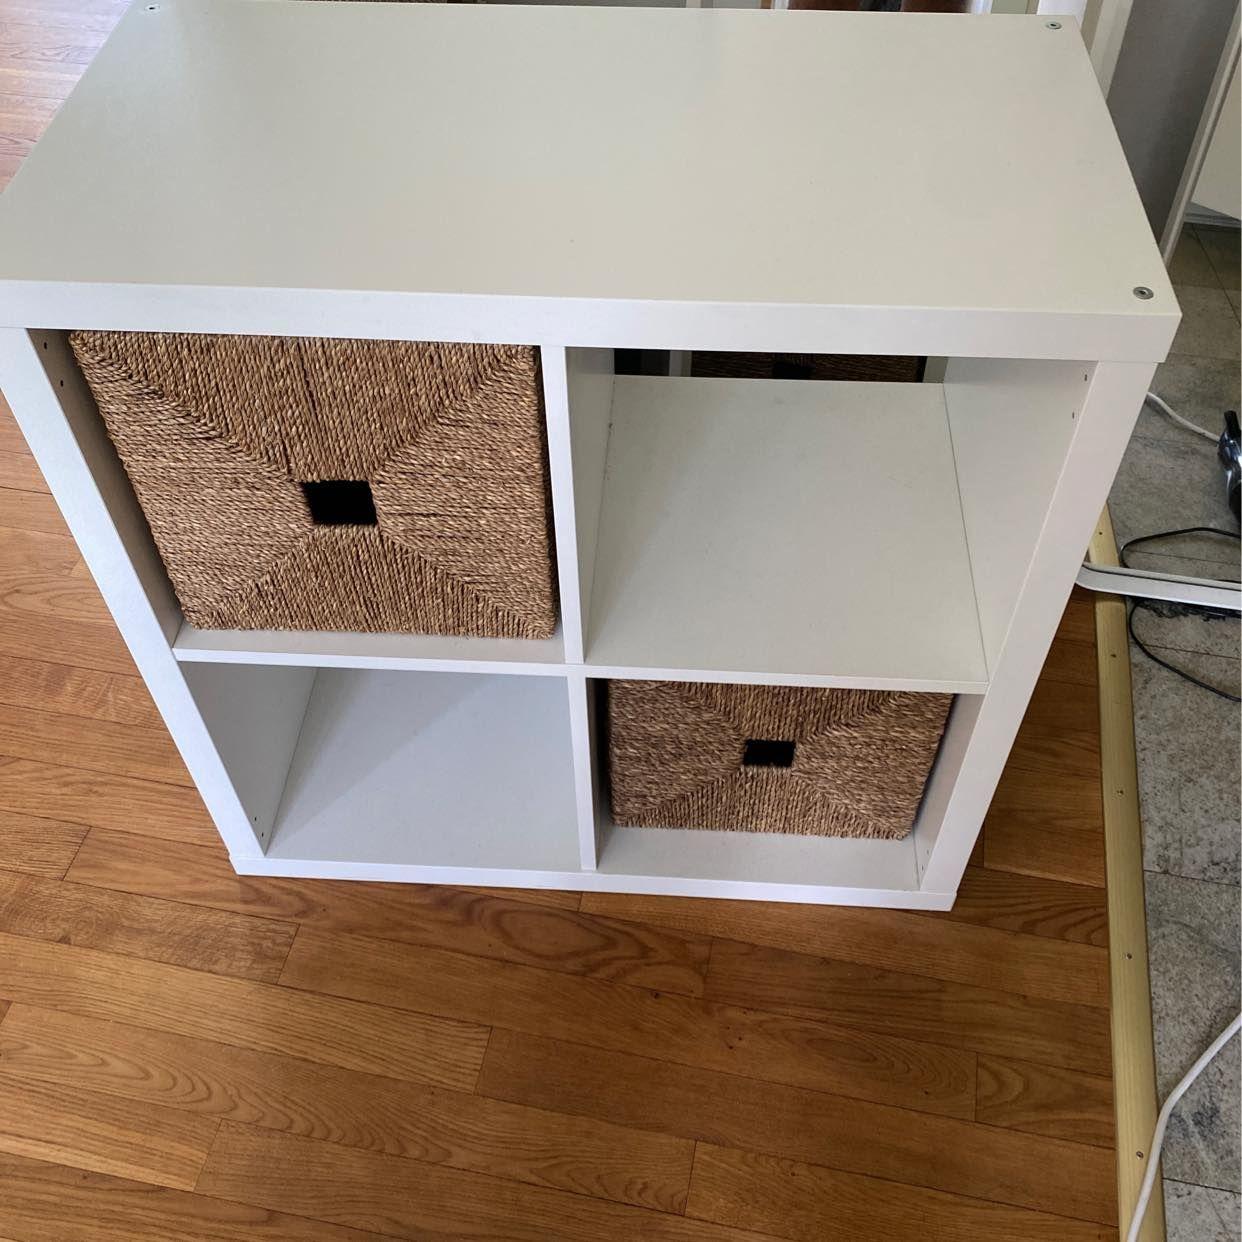 image of IKEA storage unit - Solna